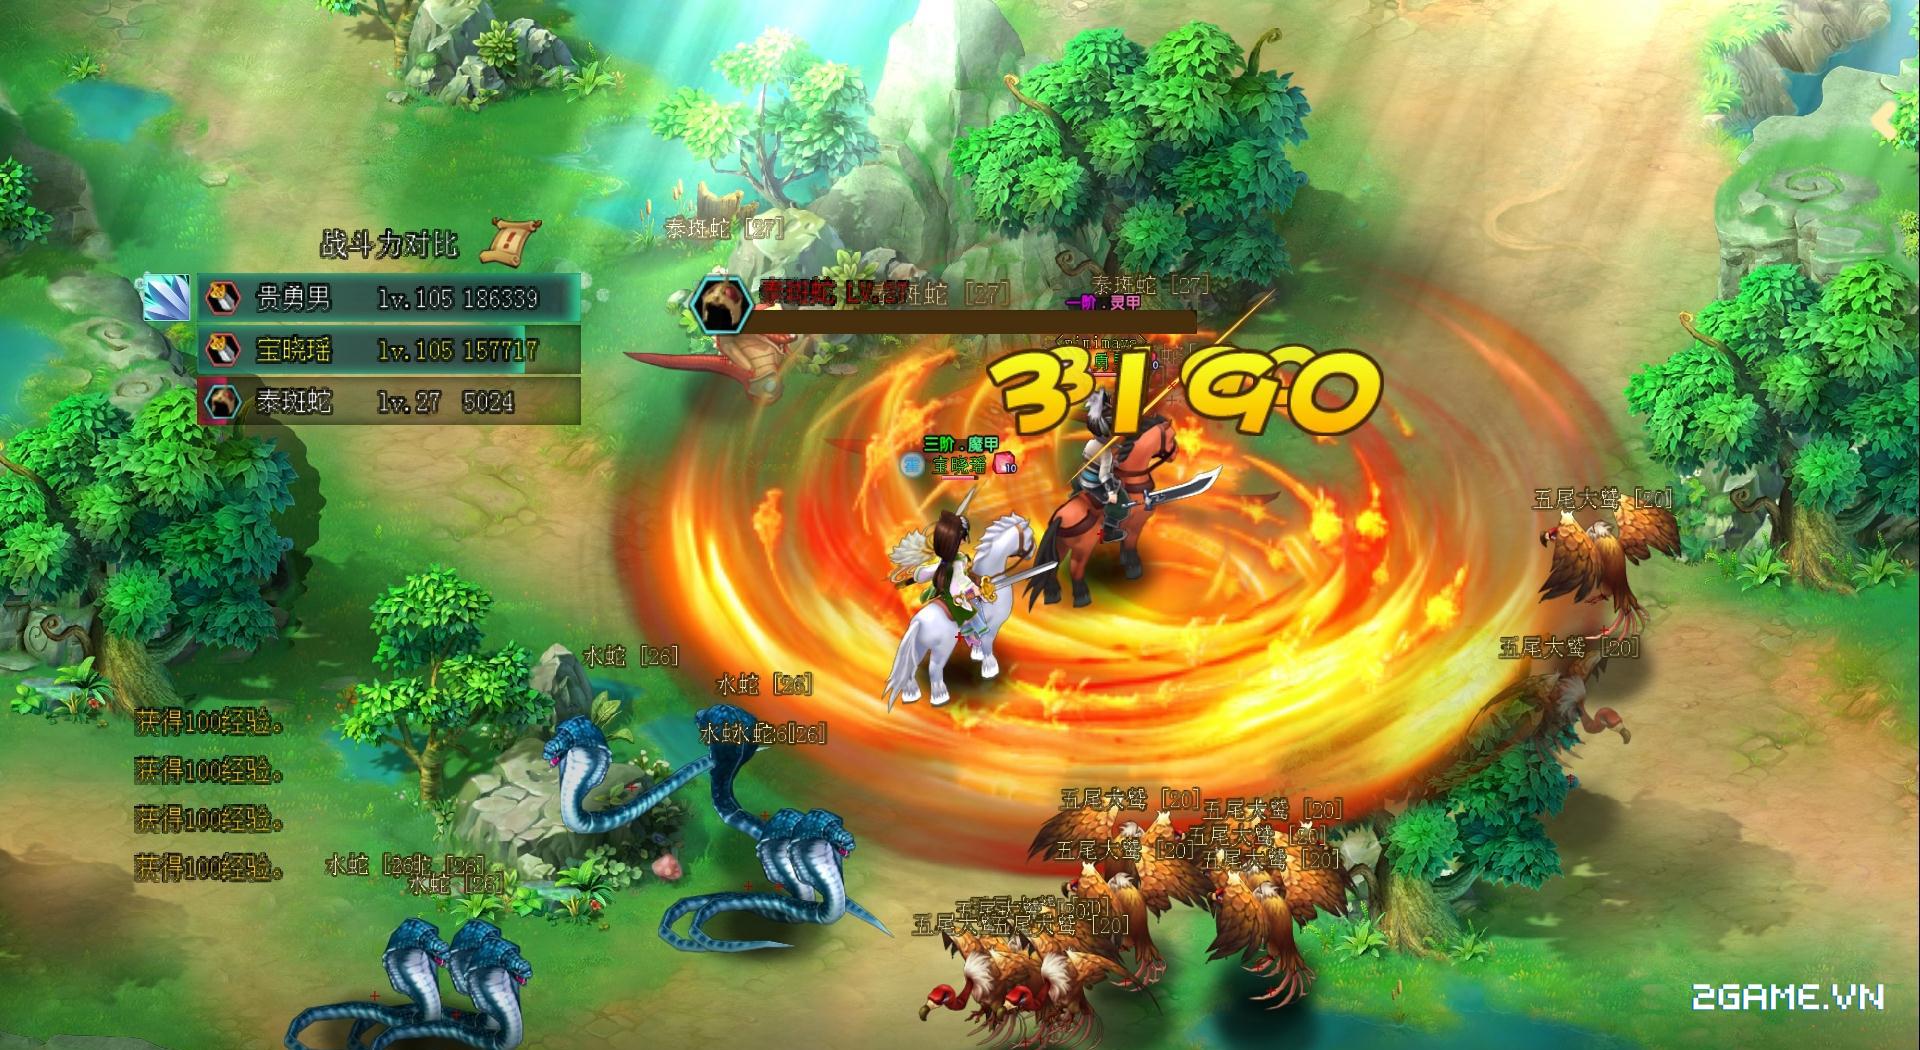 Game ăn theo phim truyện Vân Trung Ca về Việt Nam 1